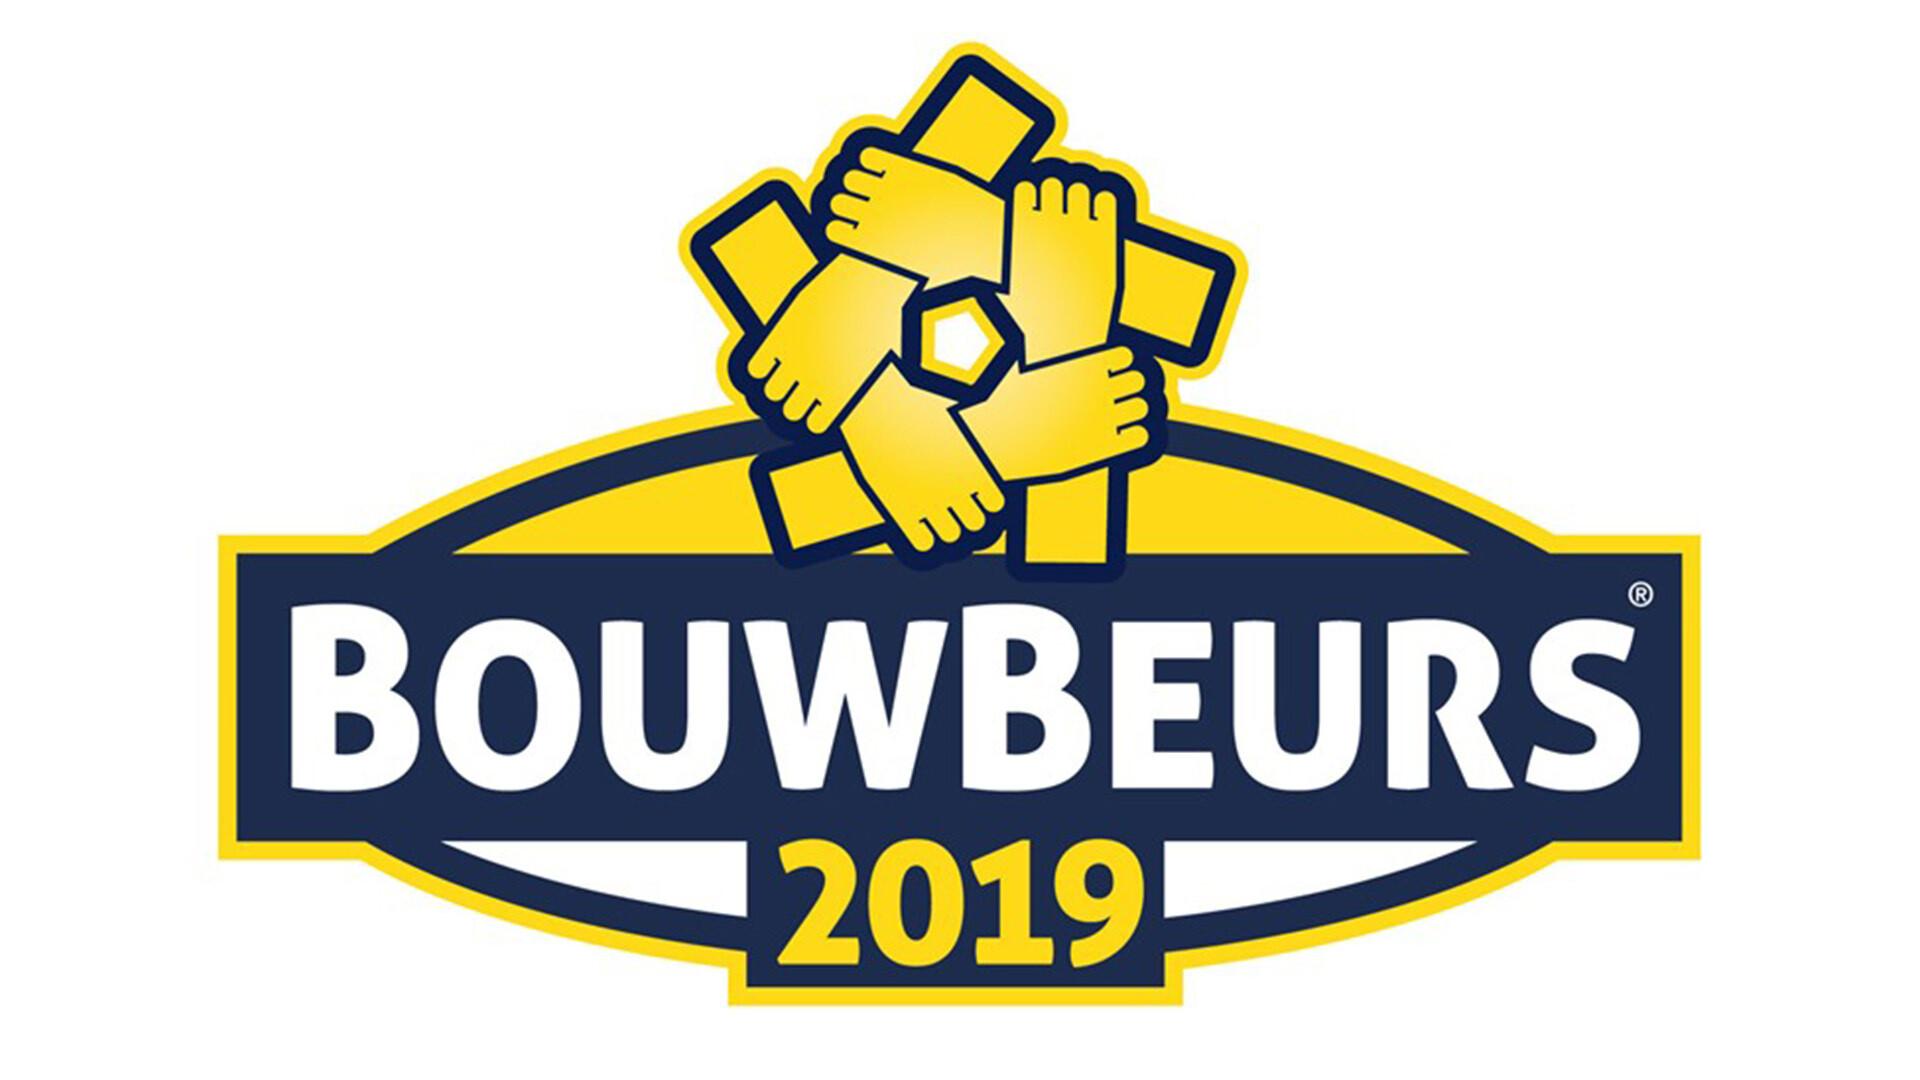 logo, event, exhibition, bouwbeurs 2019